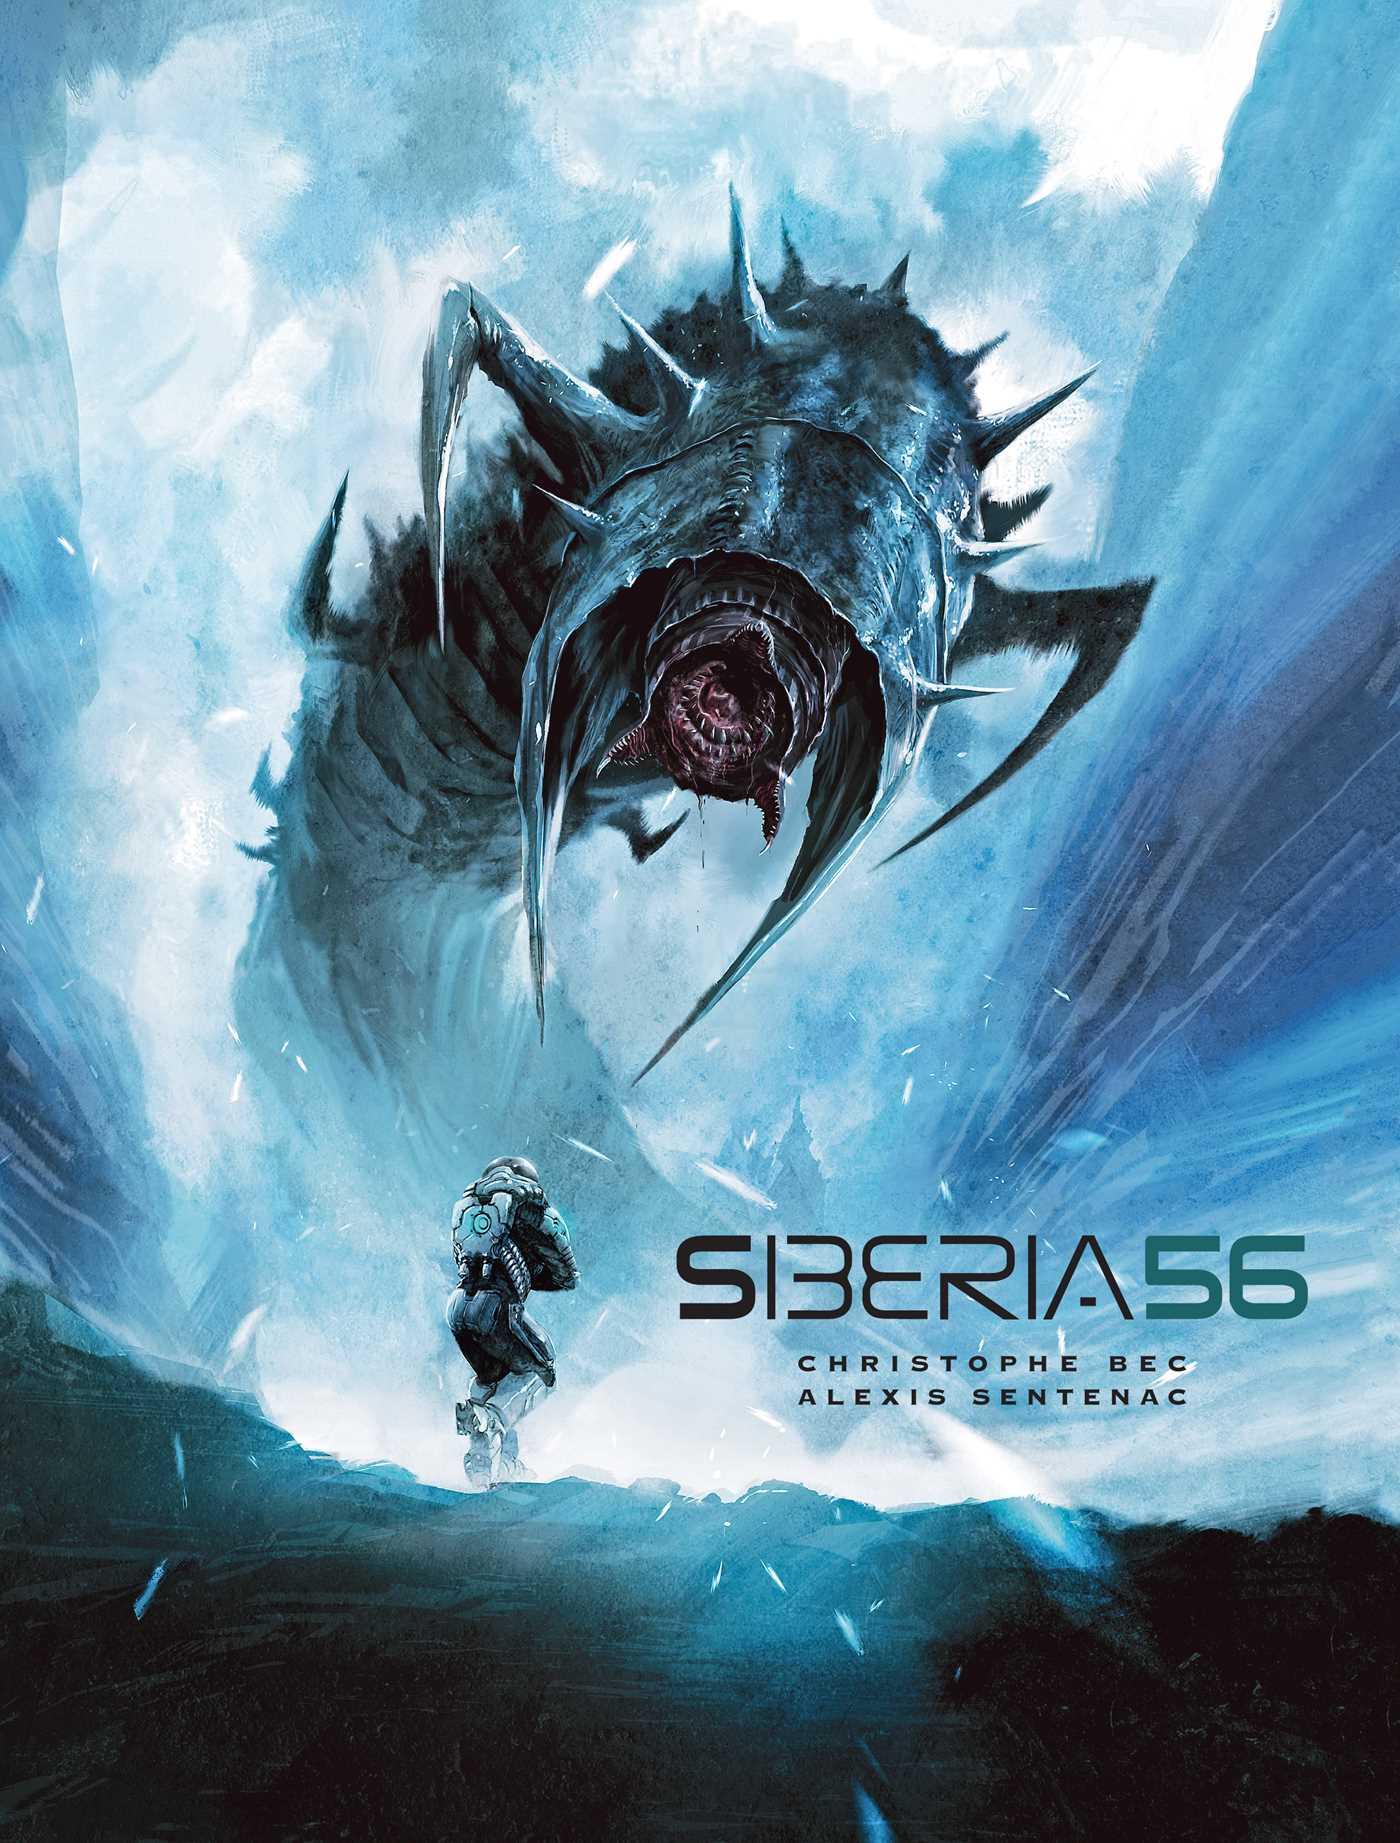 Siberia 56 9781608878611 hr